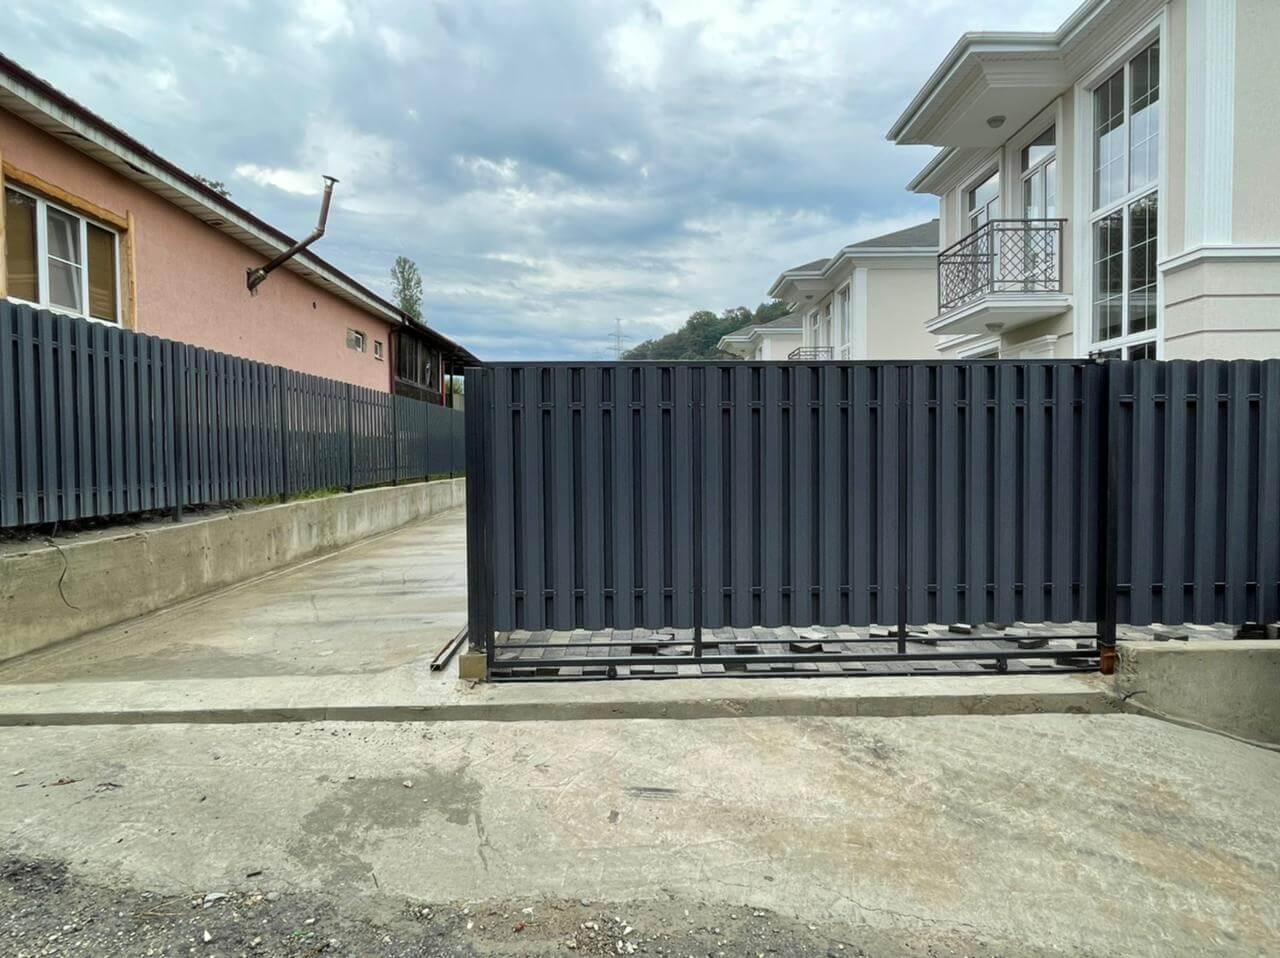 забор из штакетника серый графит двухсторонний фото5